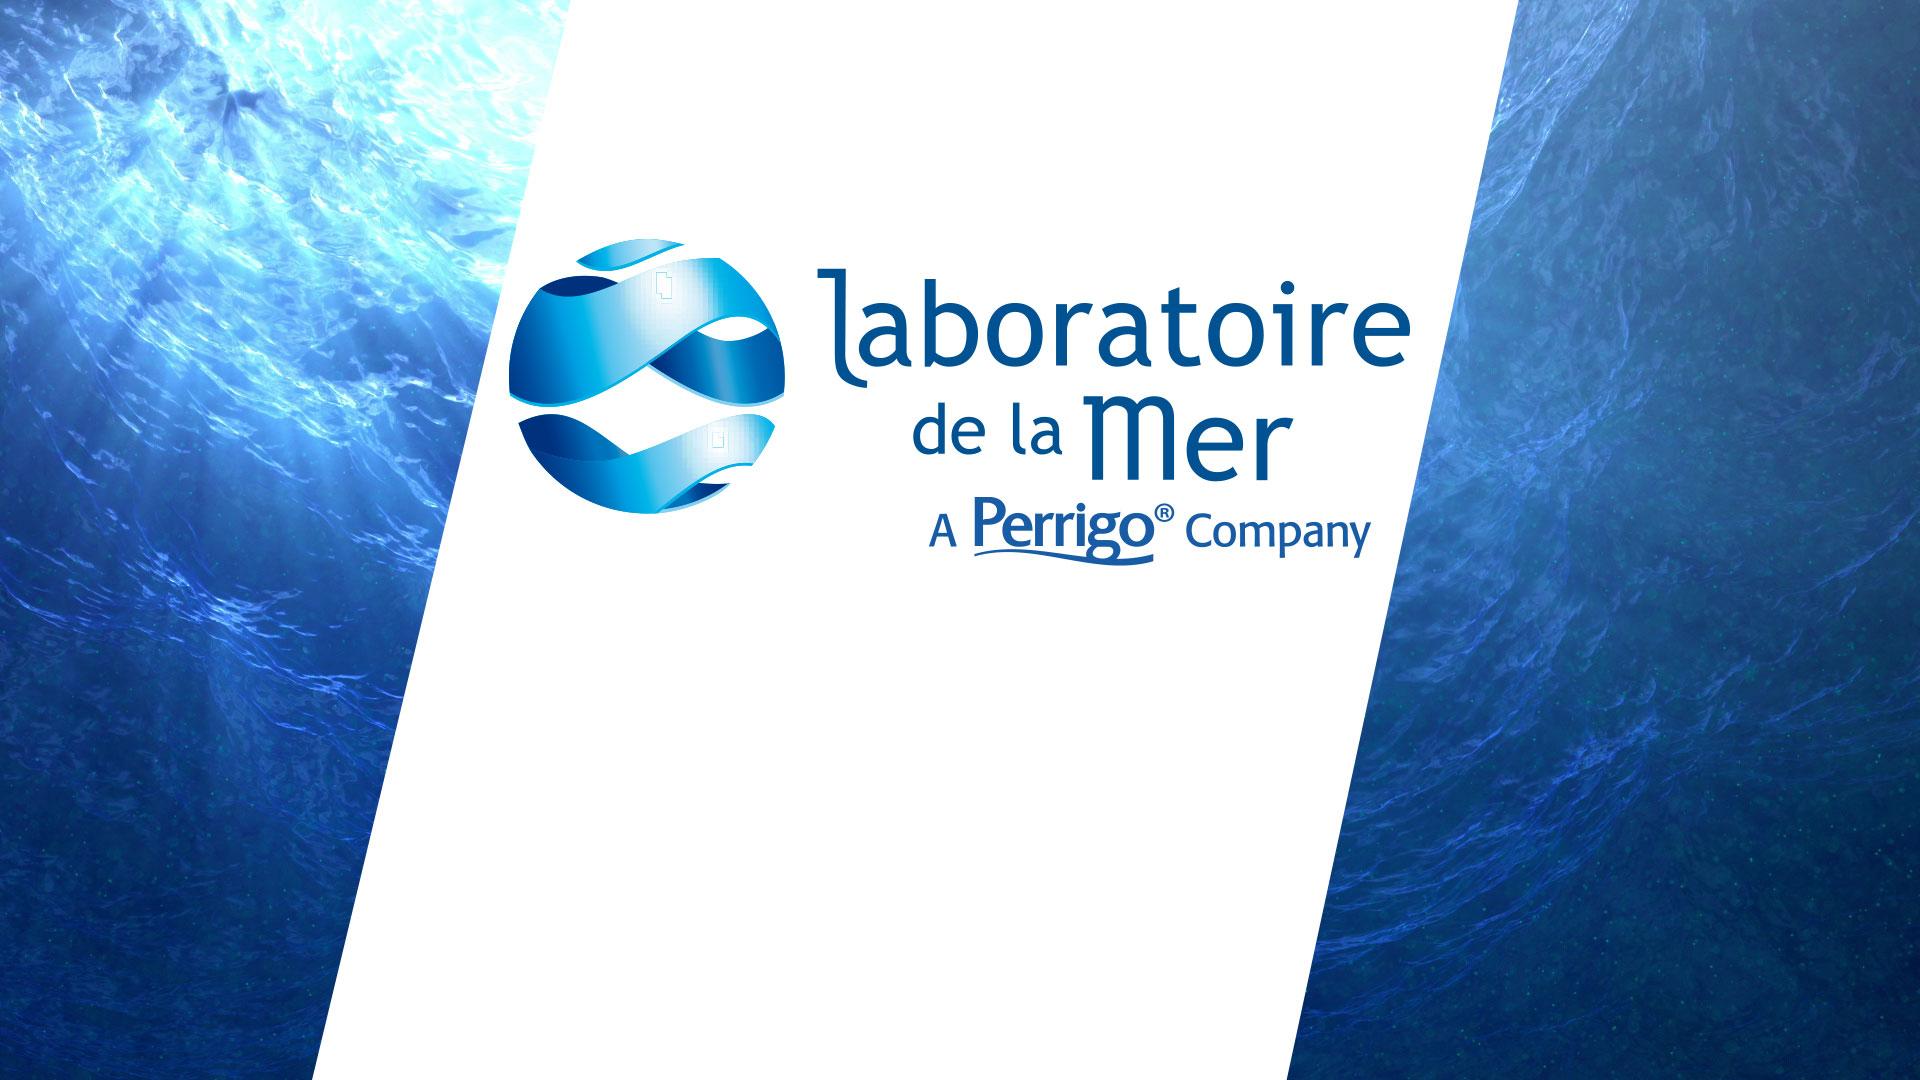 Laboratoire de la Mer, vidéo réalisée par Déclic Vidéo